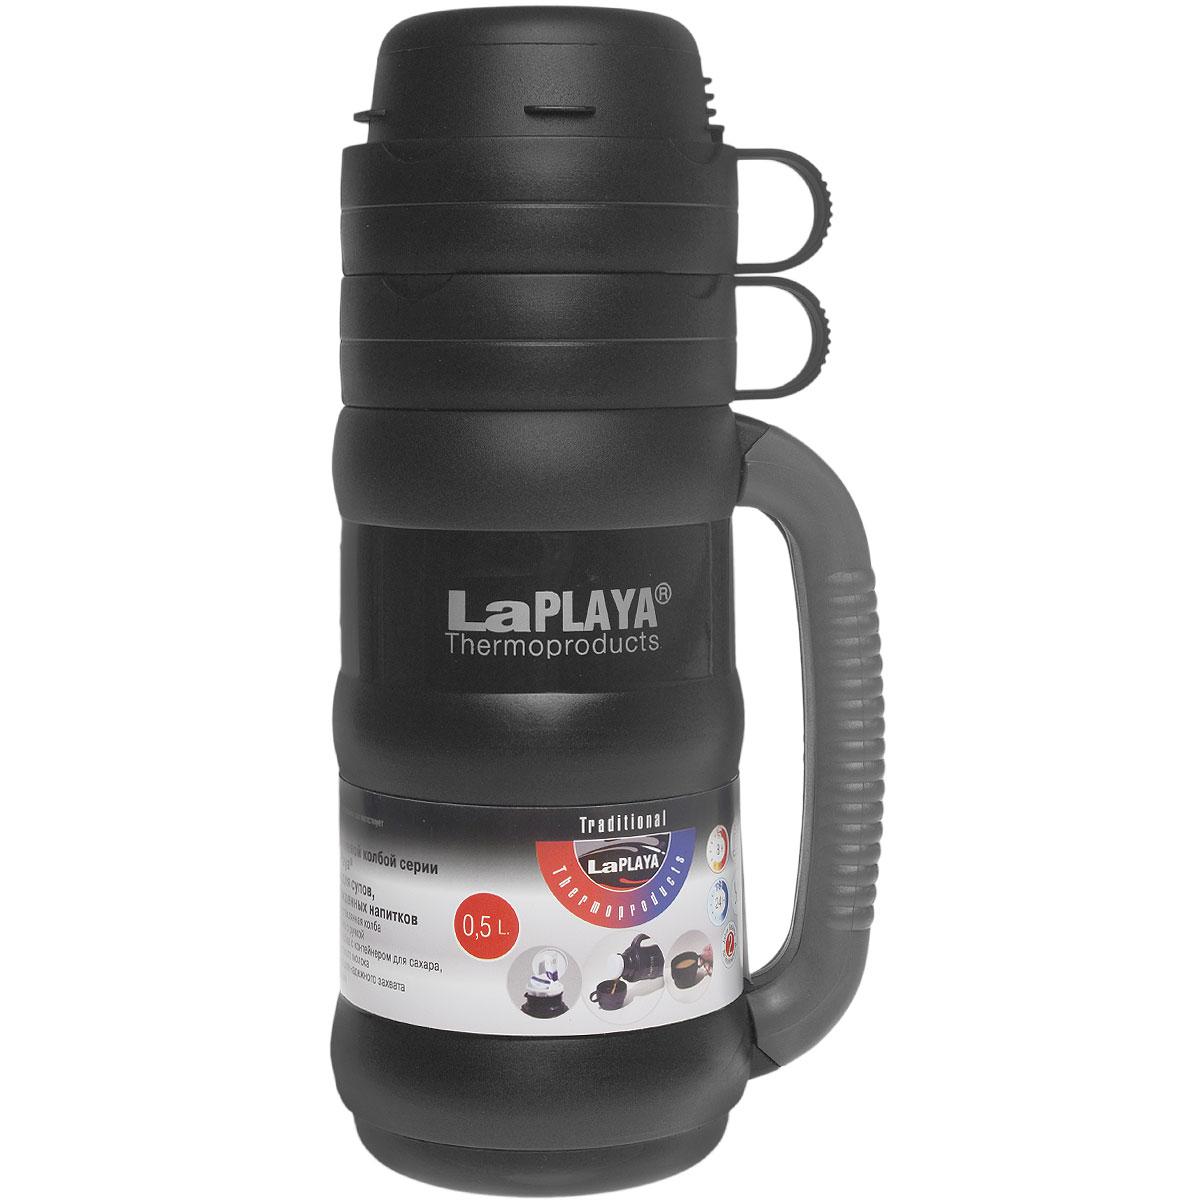 Термос LaPlaya Traditional 35, цвет: черный, 500 мл560002Термос со стеклянной колбой LaPlaya Traditional 35 предназначен для супов, горячих и охлажденных напитков. Особенности термоса: Прочная и надежная стеклянная колба. Полноразмерная чашка с ручкой. Завинчивающаяся пробка с контейнером для сахара, пакетика чая, кофе, сухого молока. Прорезиненная ручка для надежного захвата против выскальзывания. Высота термоса: 28 см. Диаметр термоса (без учета ручки): 10 см. Сохраняет тепло: 8 ч. Сохраняет холод: 24 ч.